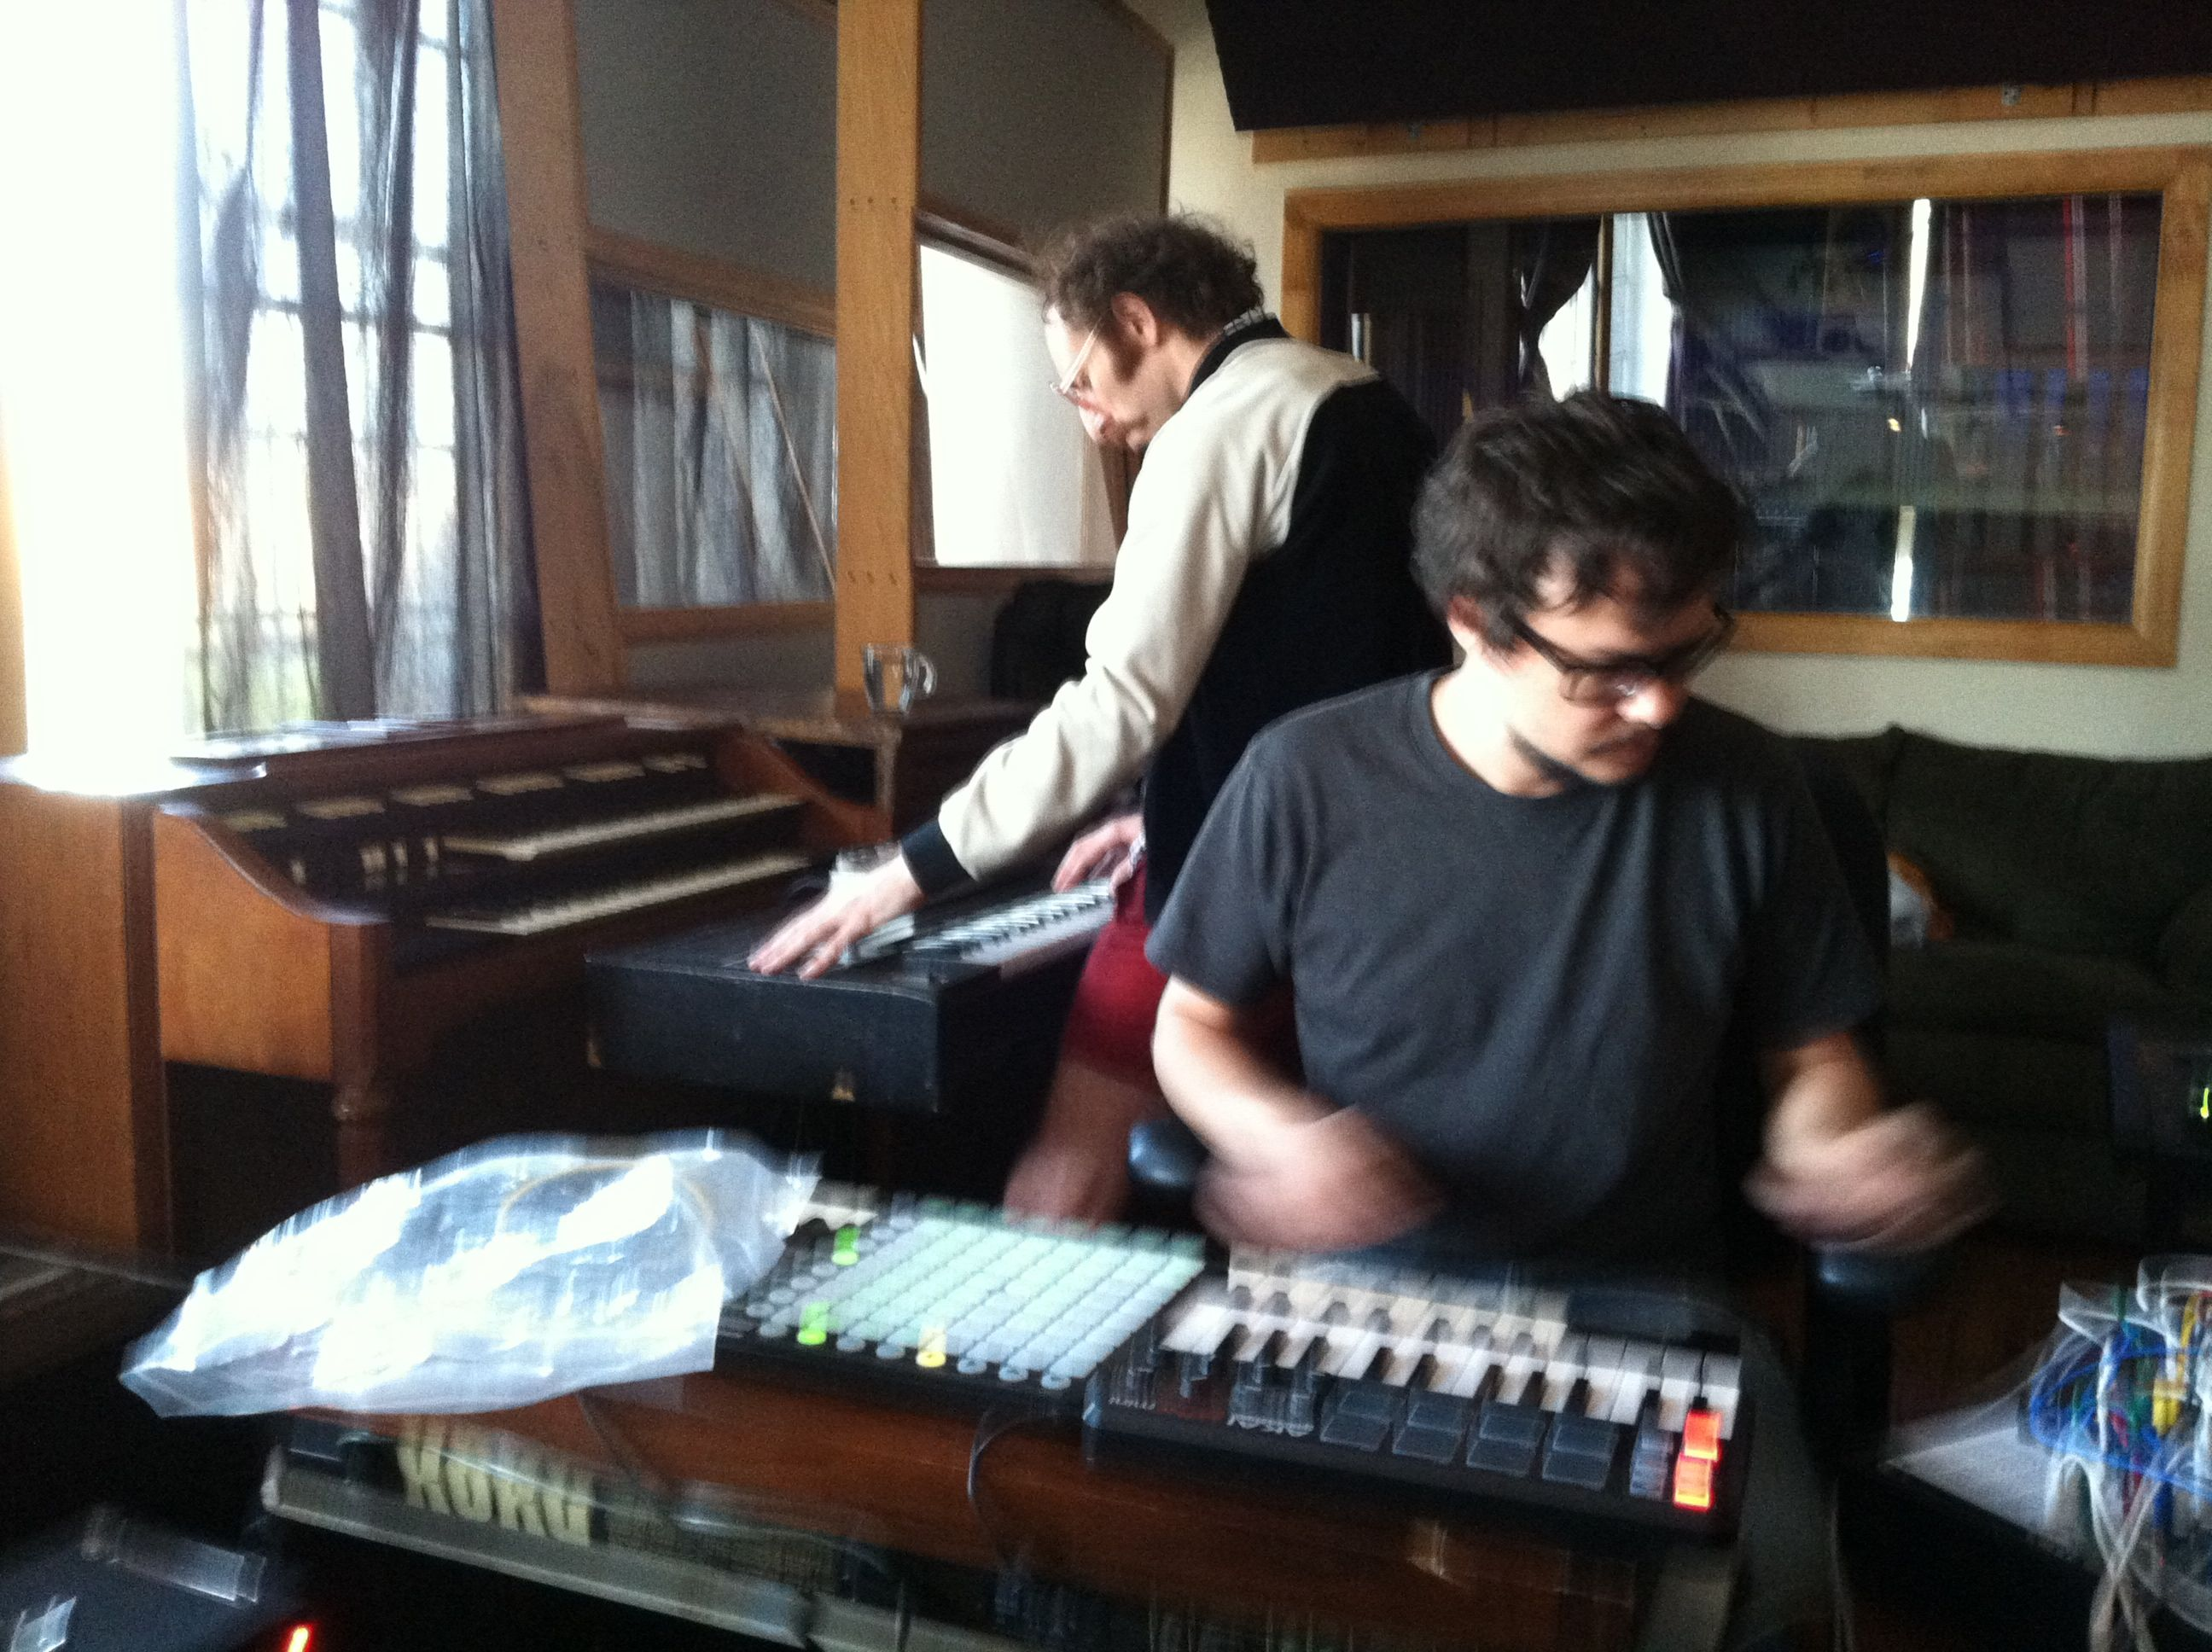 Eyal & Rodrigo recording